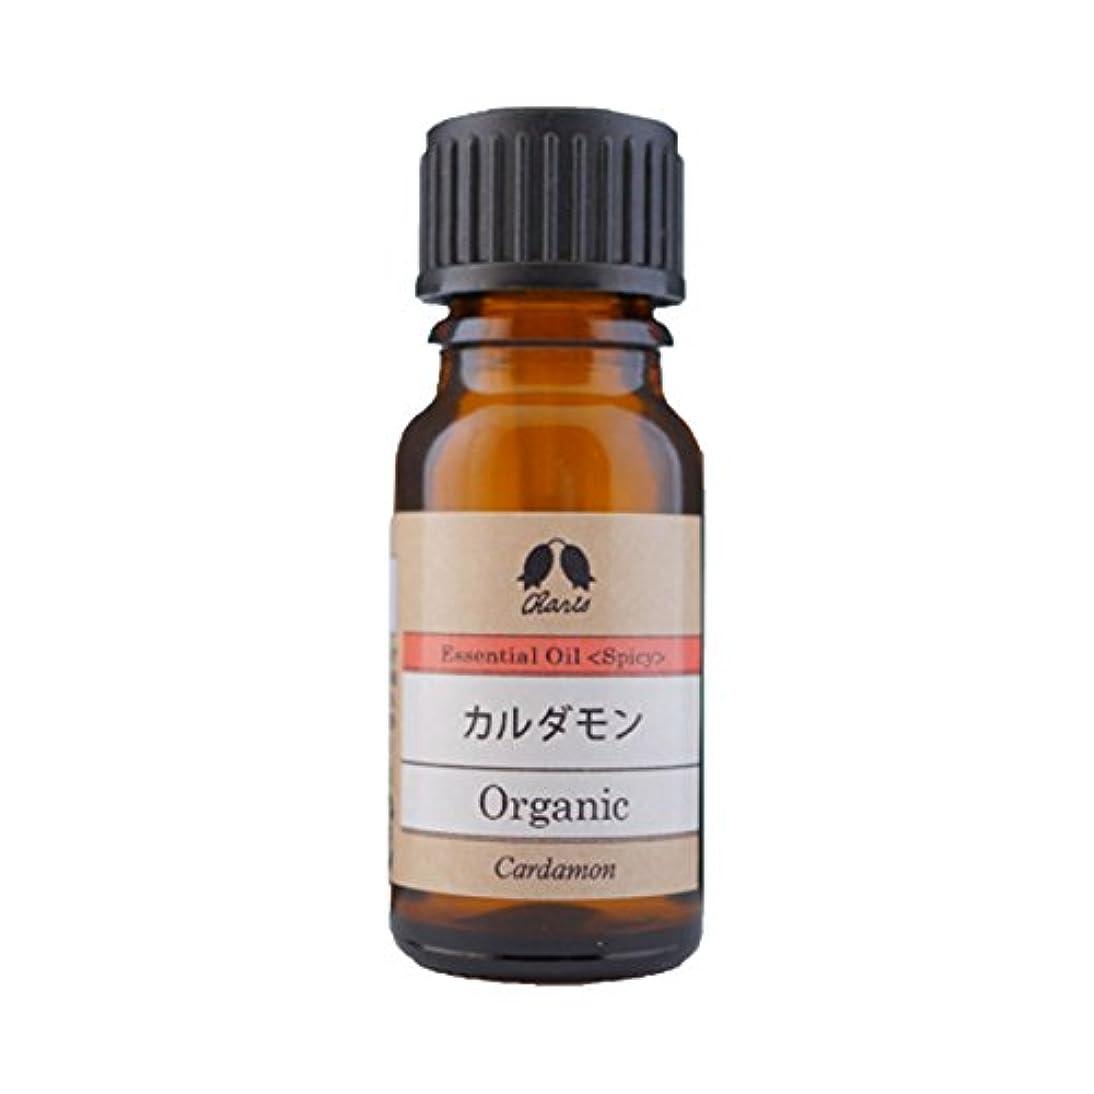 過敏な復活させるガソリンカリス エッセンシャルオイル カルダモン オーガニック オイル 10ml